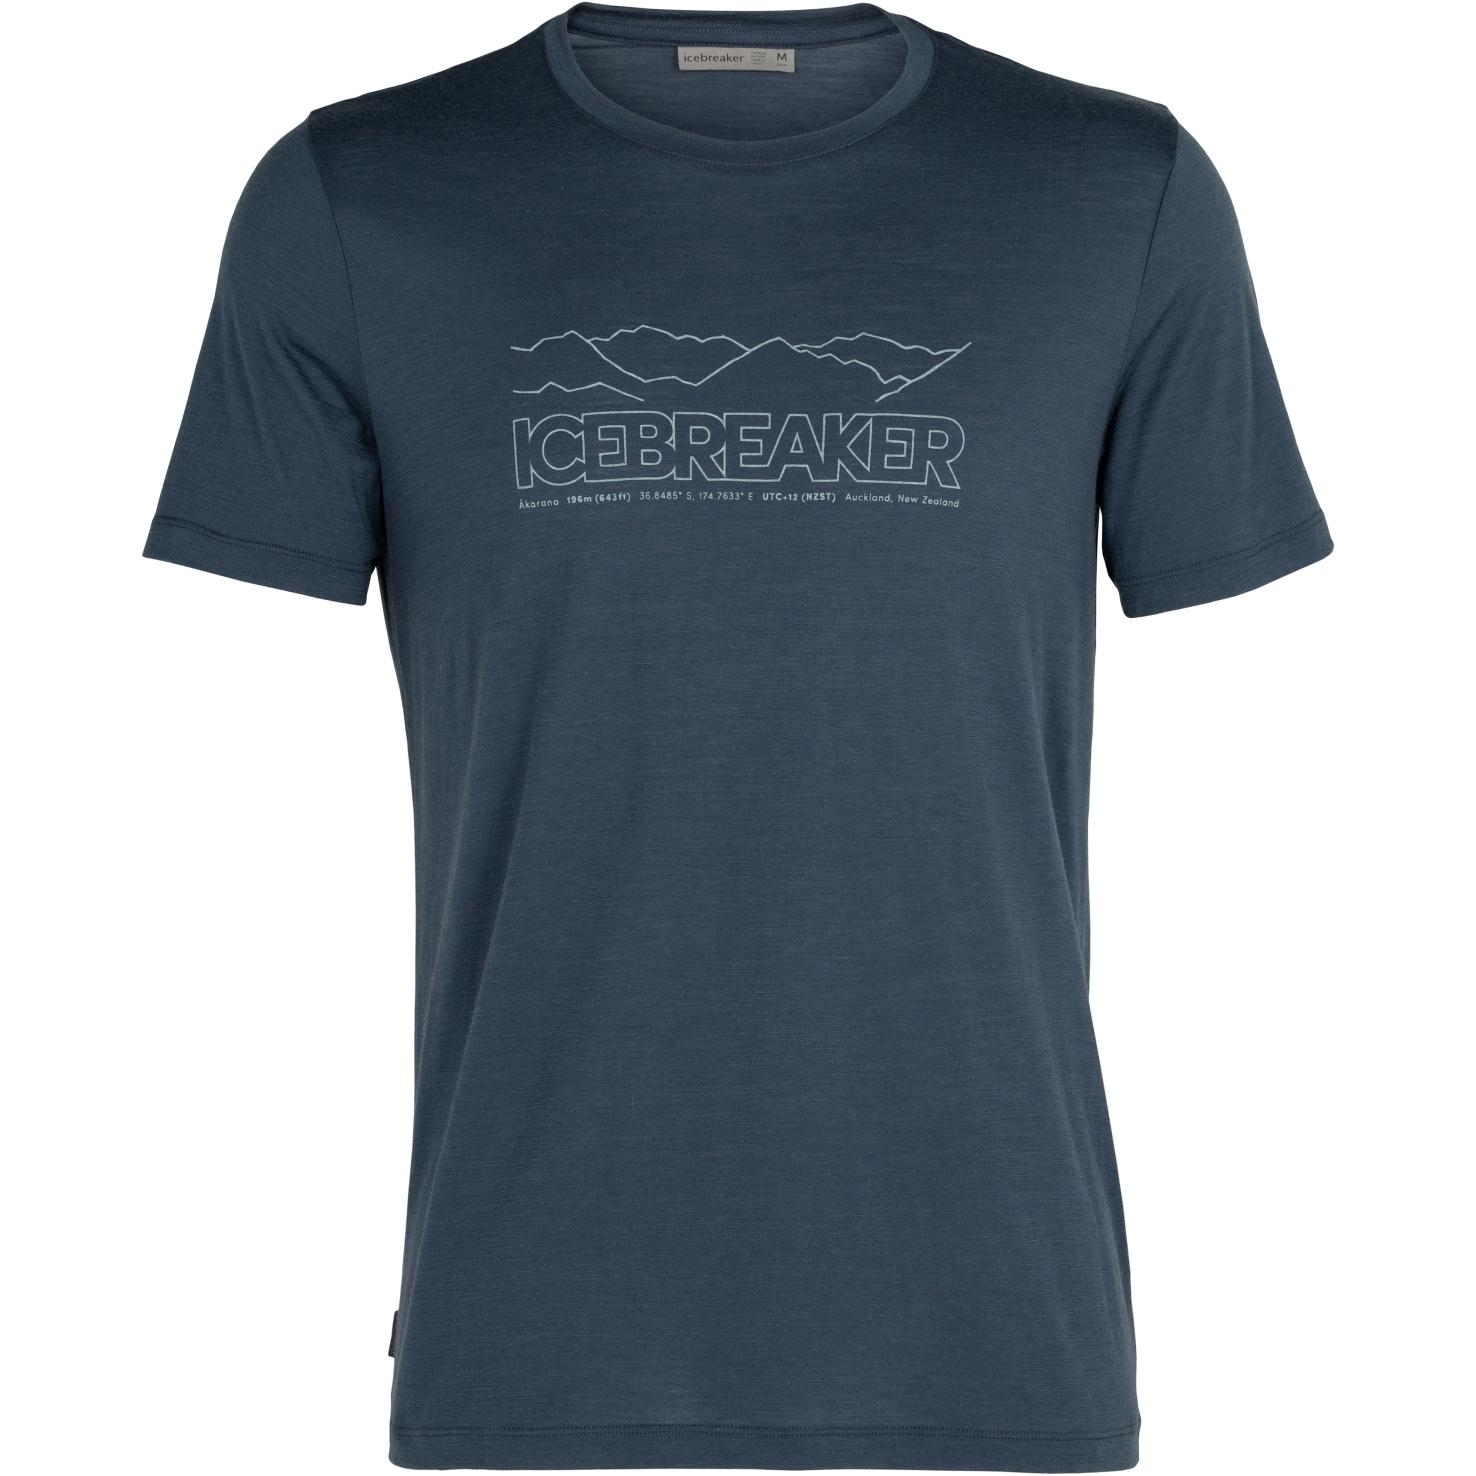 Icebreaker Tech Lite Crewe Icebreaker Story Herren T-Shirt - Serene Blue